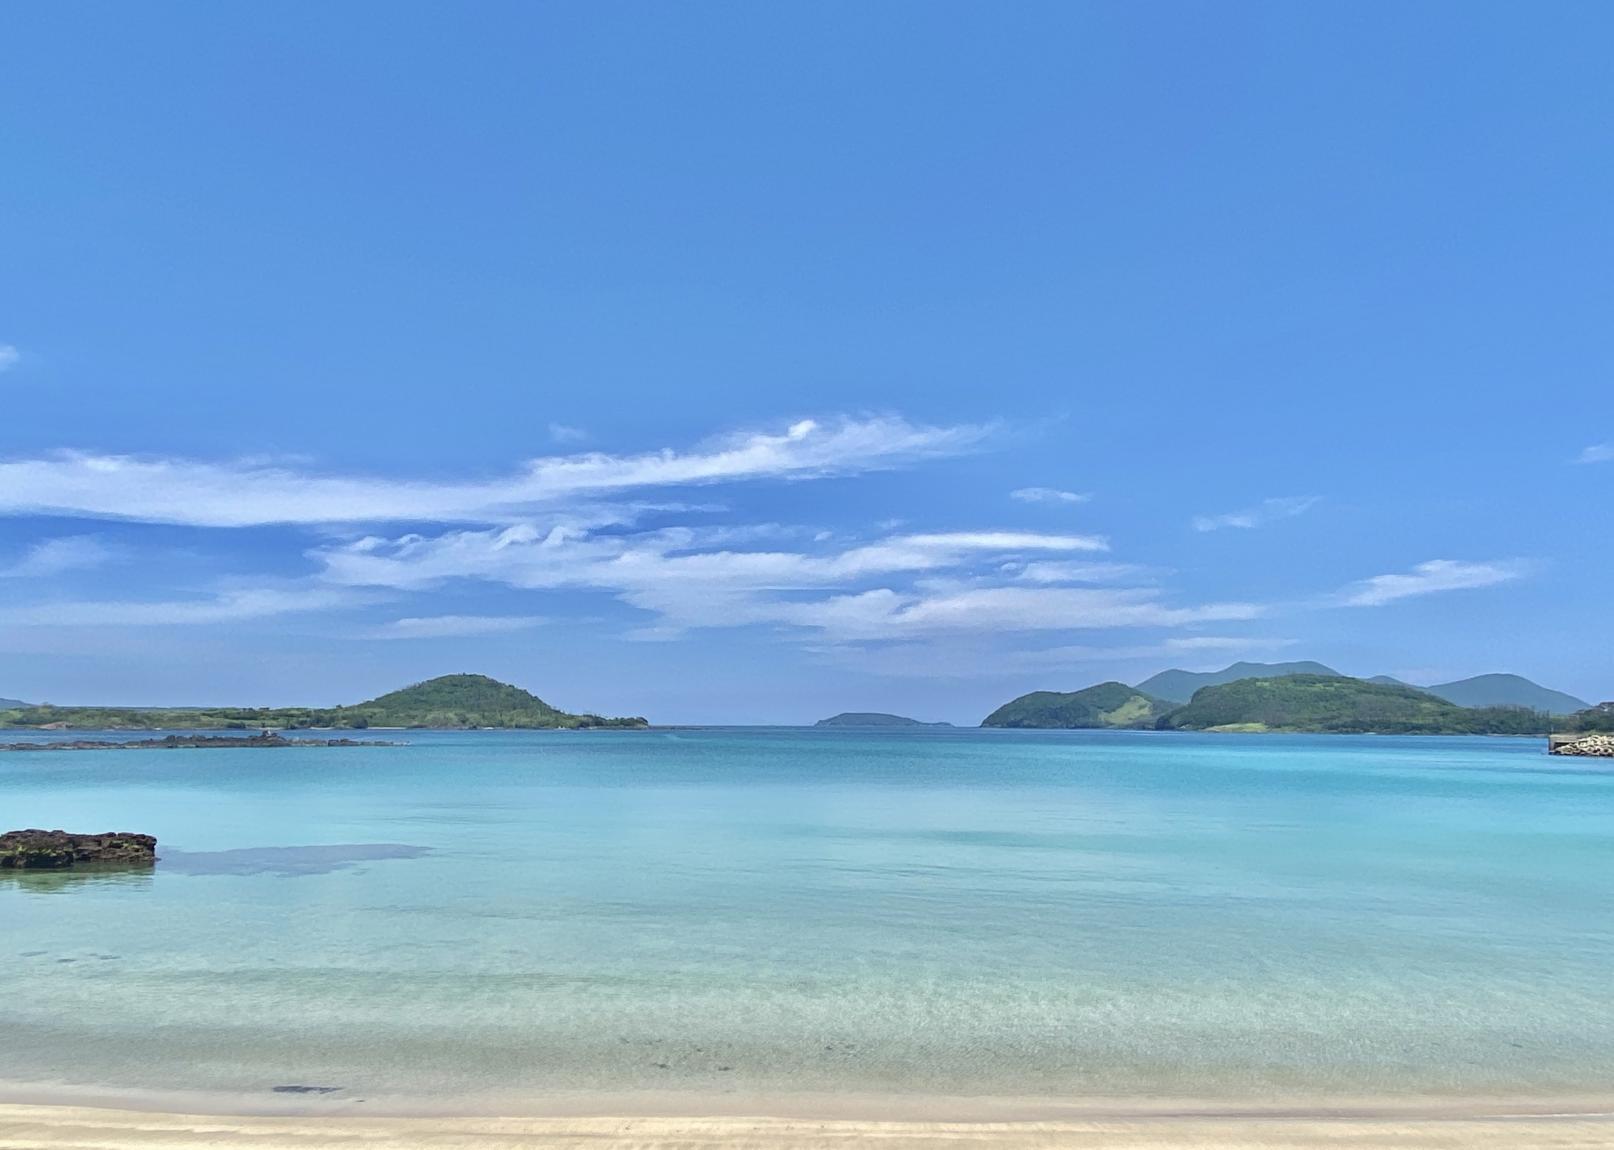 9.透き通る青、大自然のコントラストが美しいー小値賀の海ー-0